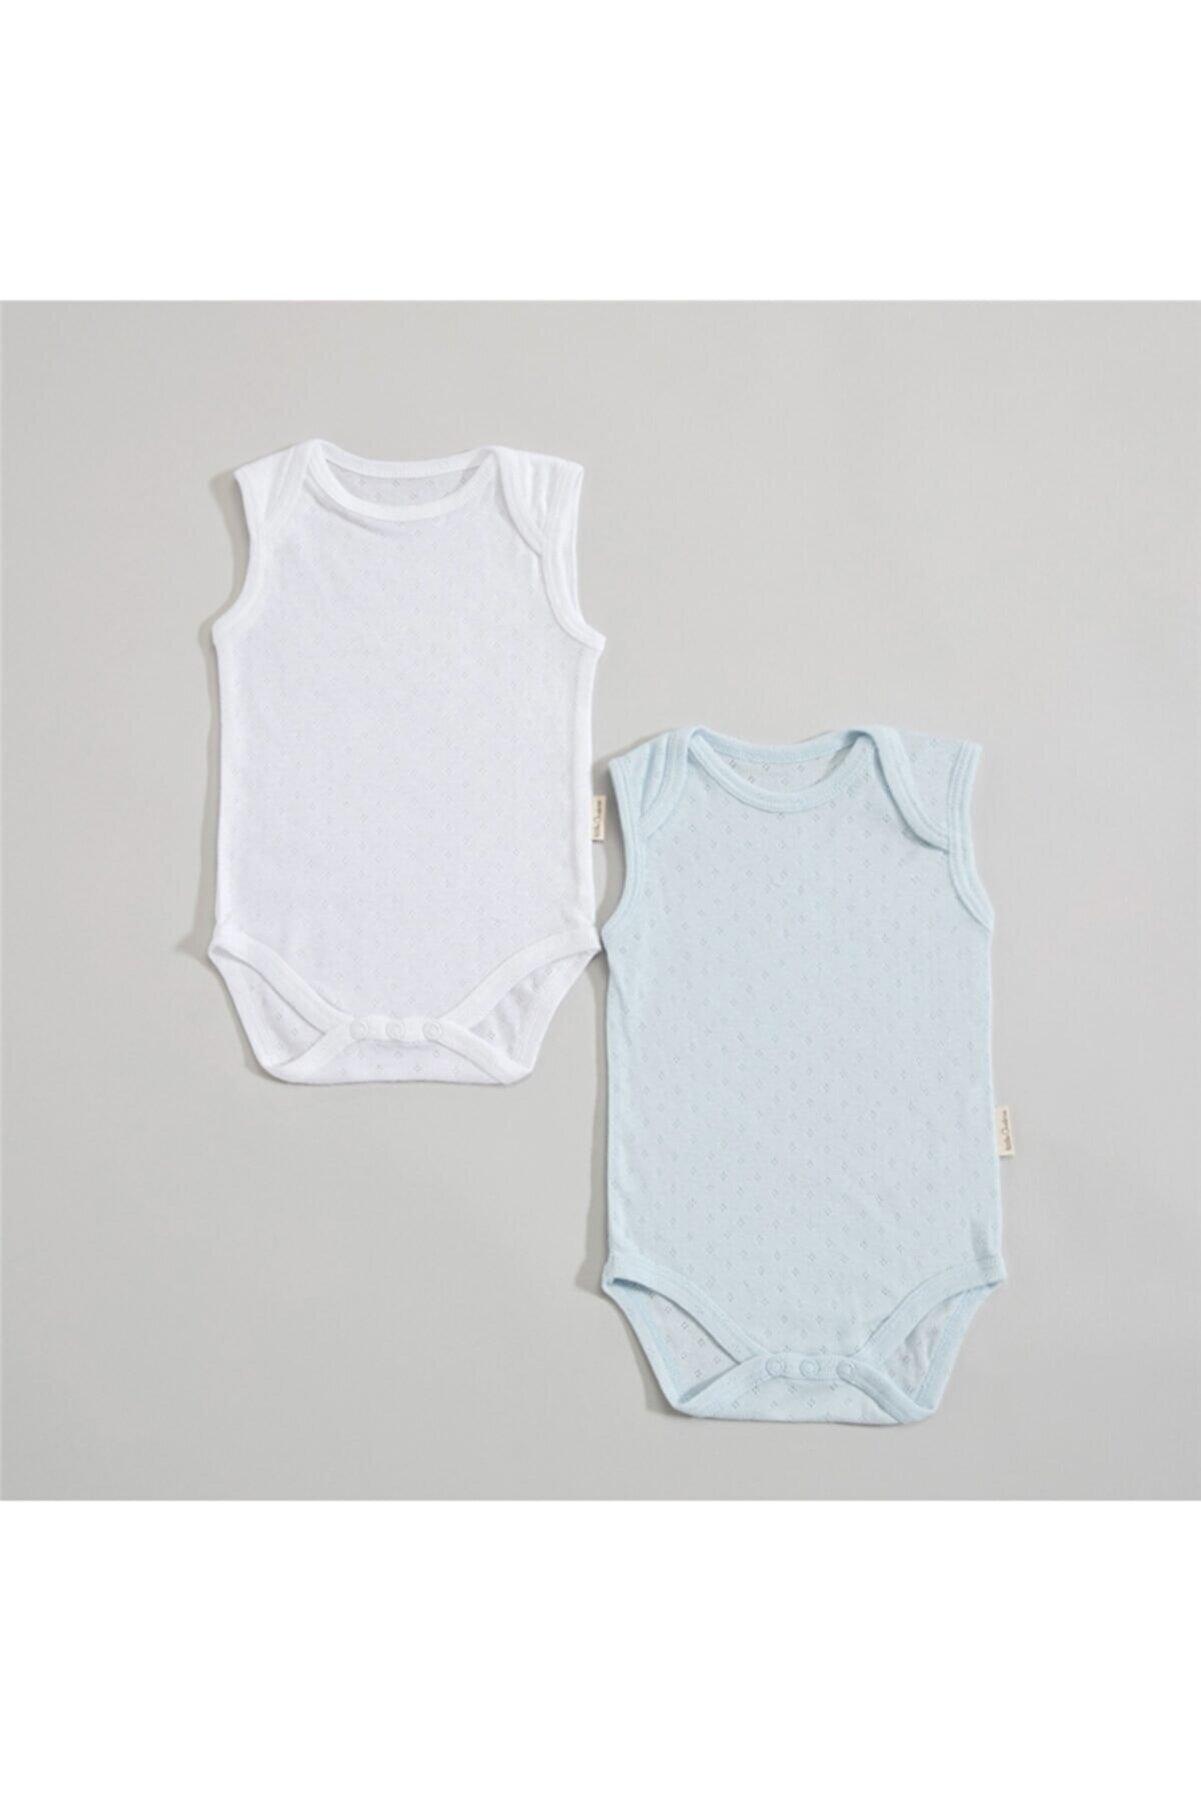 Chakra Lonya Kolsuz 2li Body Set 0-3 Ay Mavi/beyaz